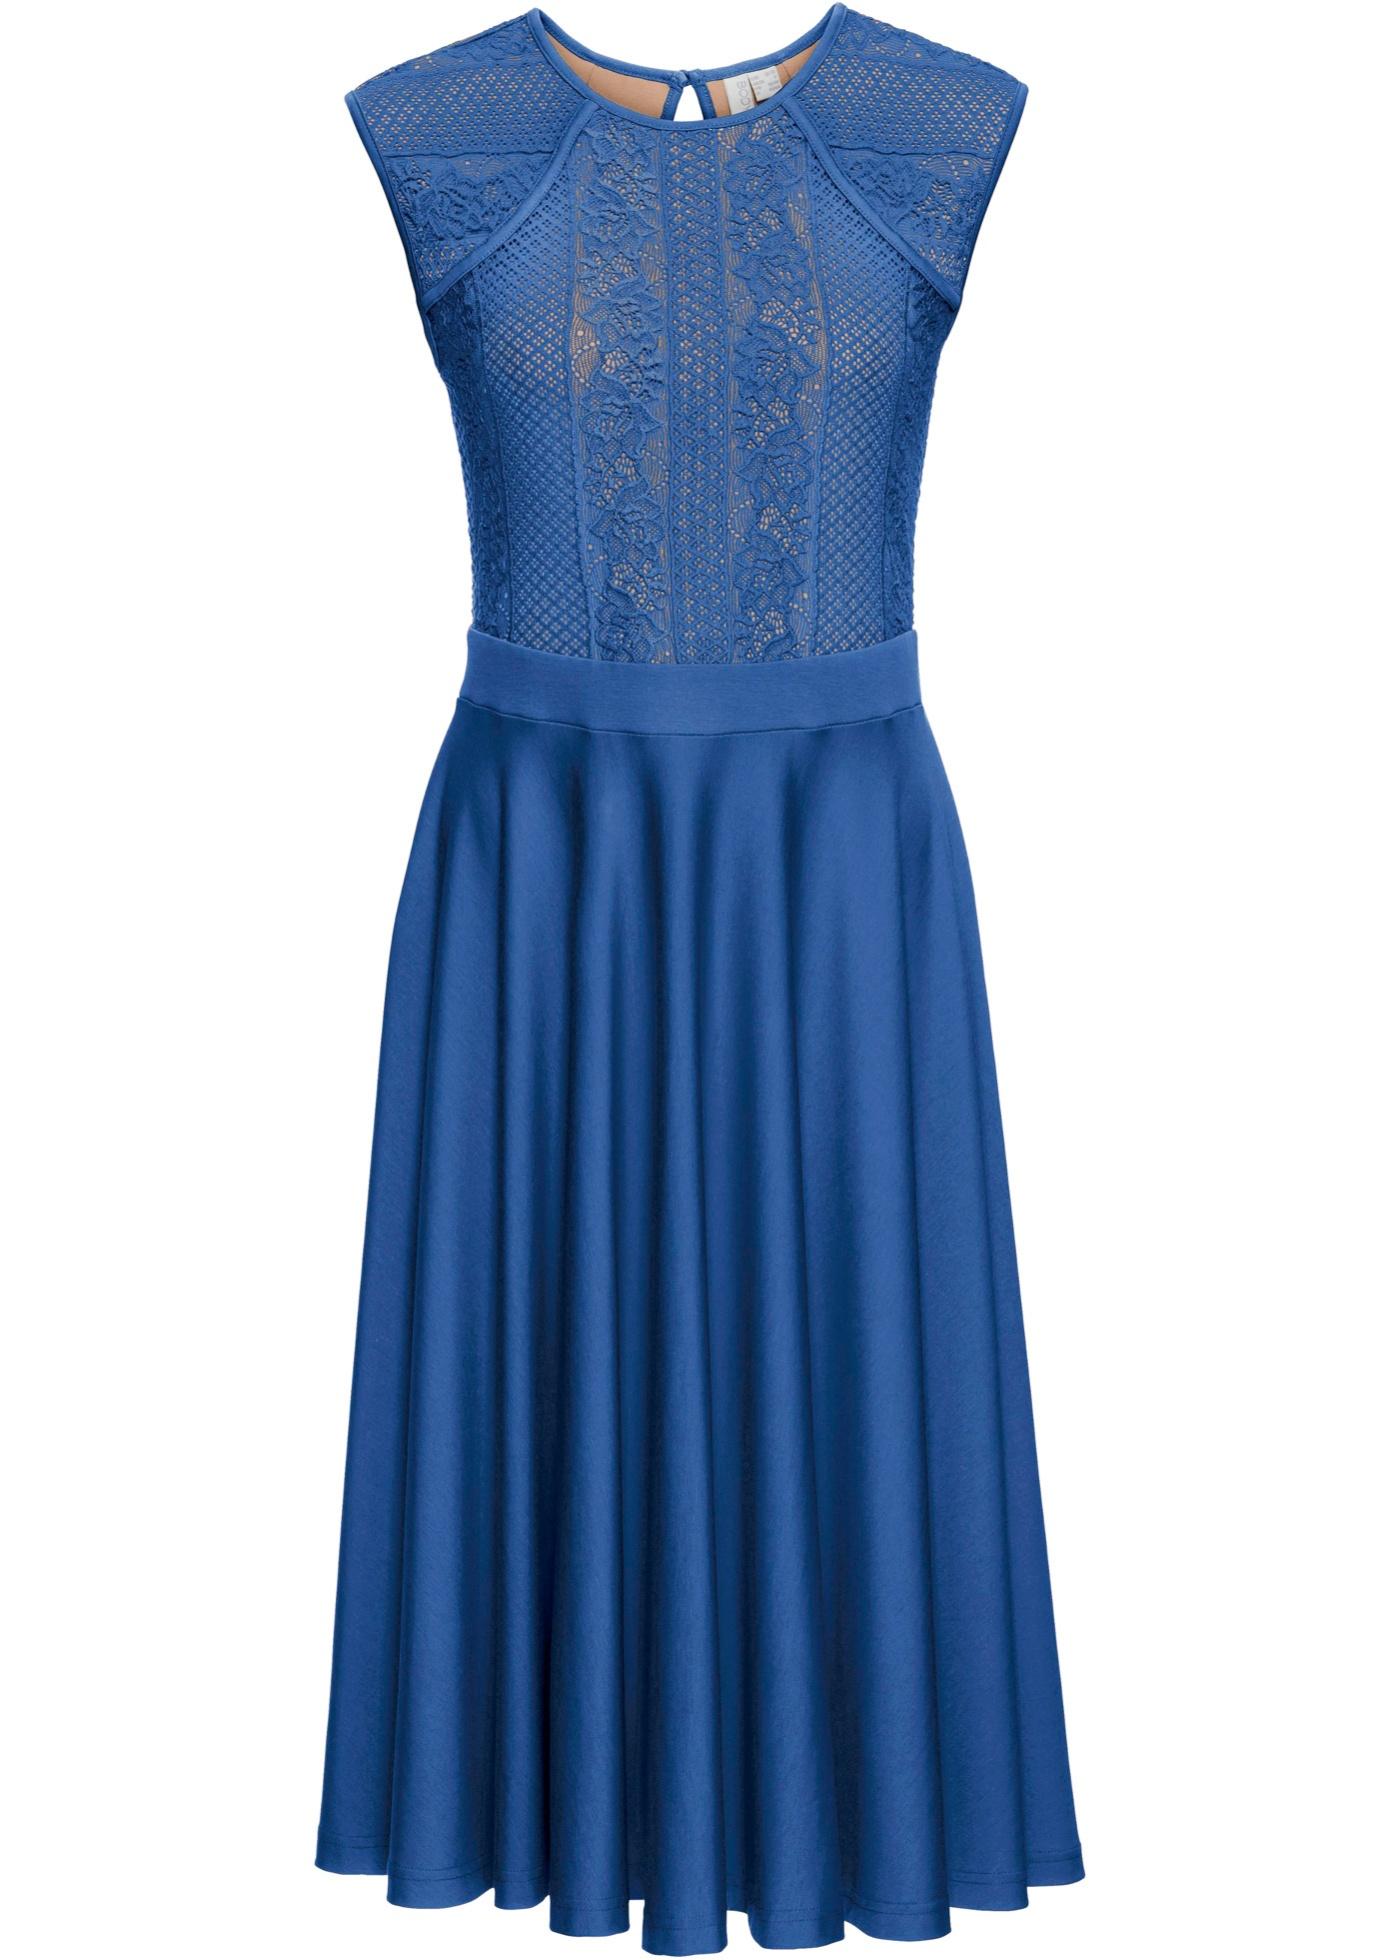 Shirtkleid mit Spitze Gr. 40/42 Blau Damen Cocktailkleid ...